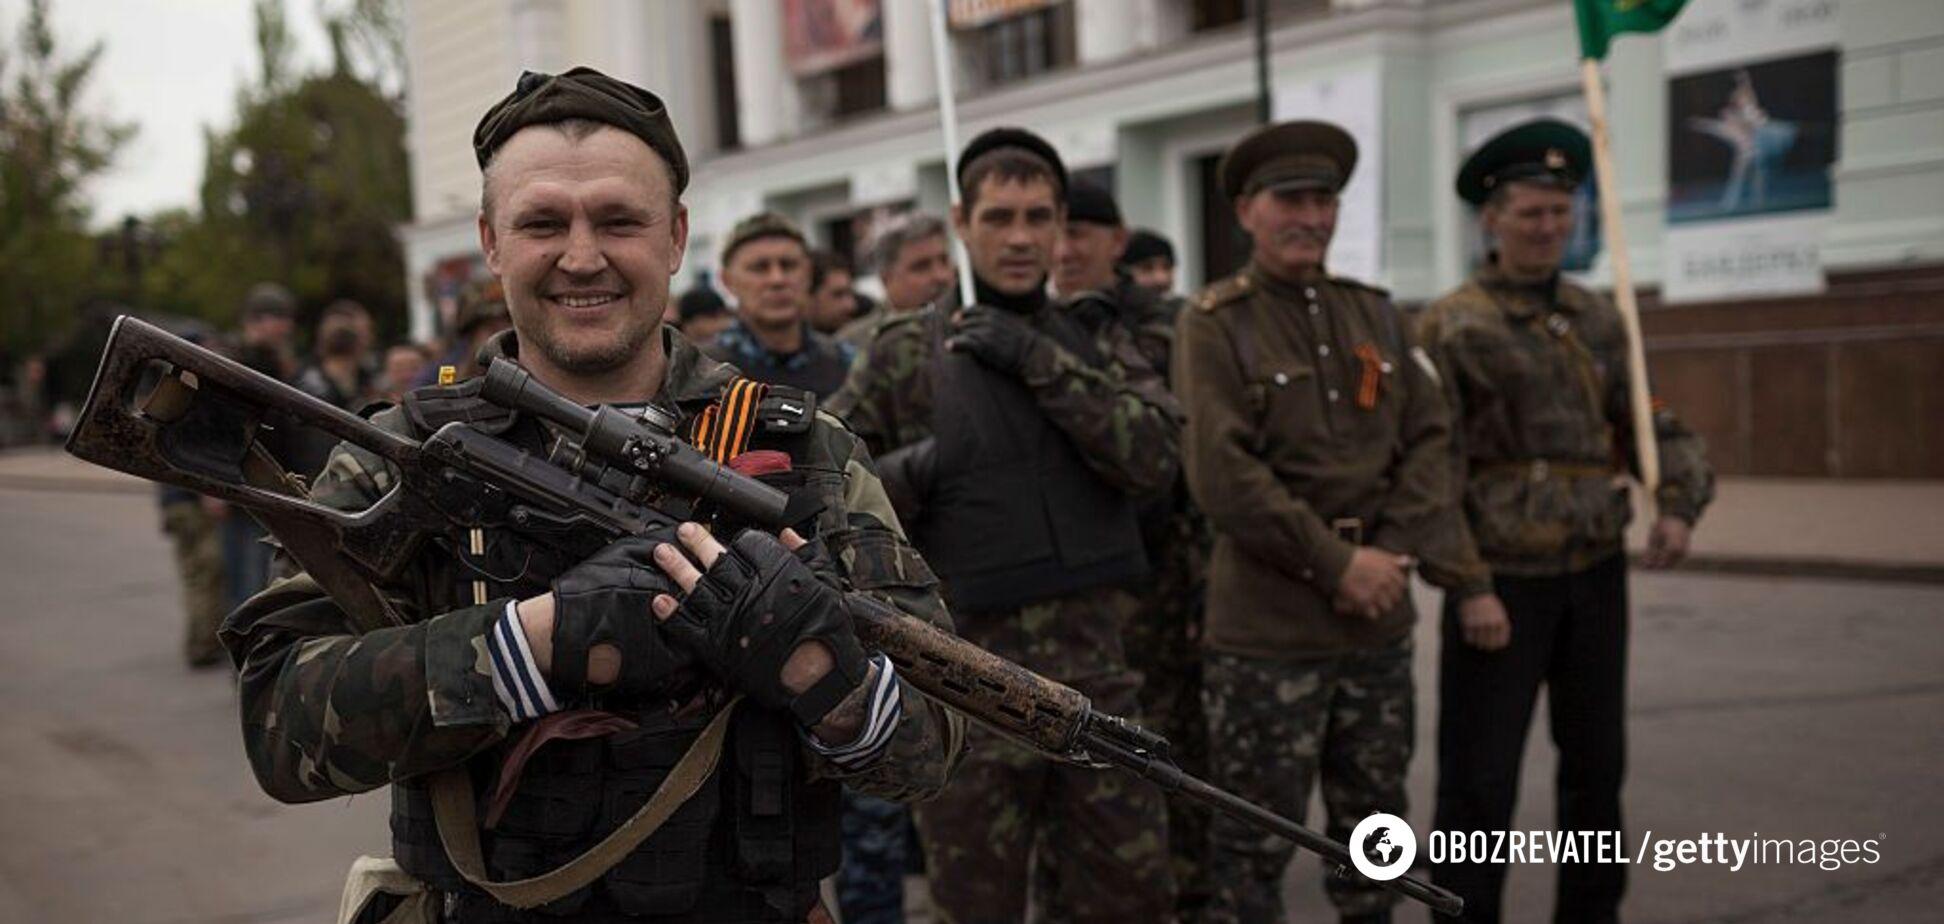 Мінські угоди під загрозою: терористи перейшли до підлої стратегії на Донбасі